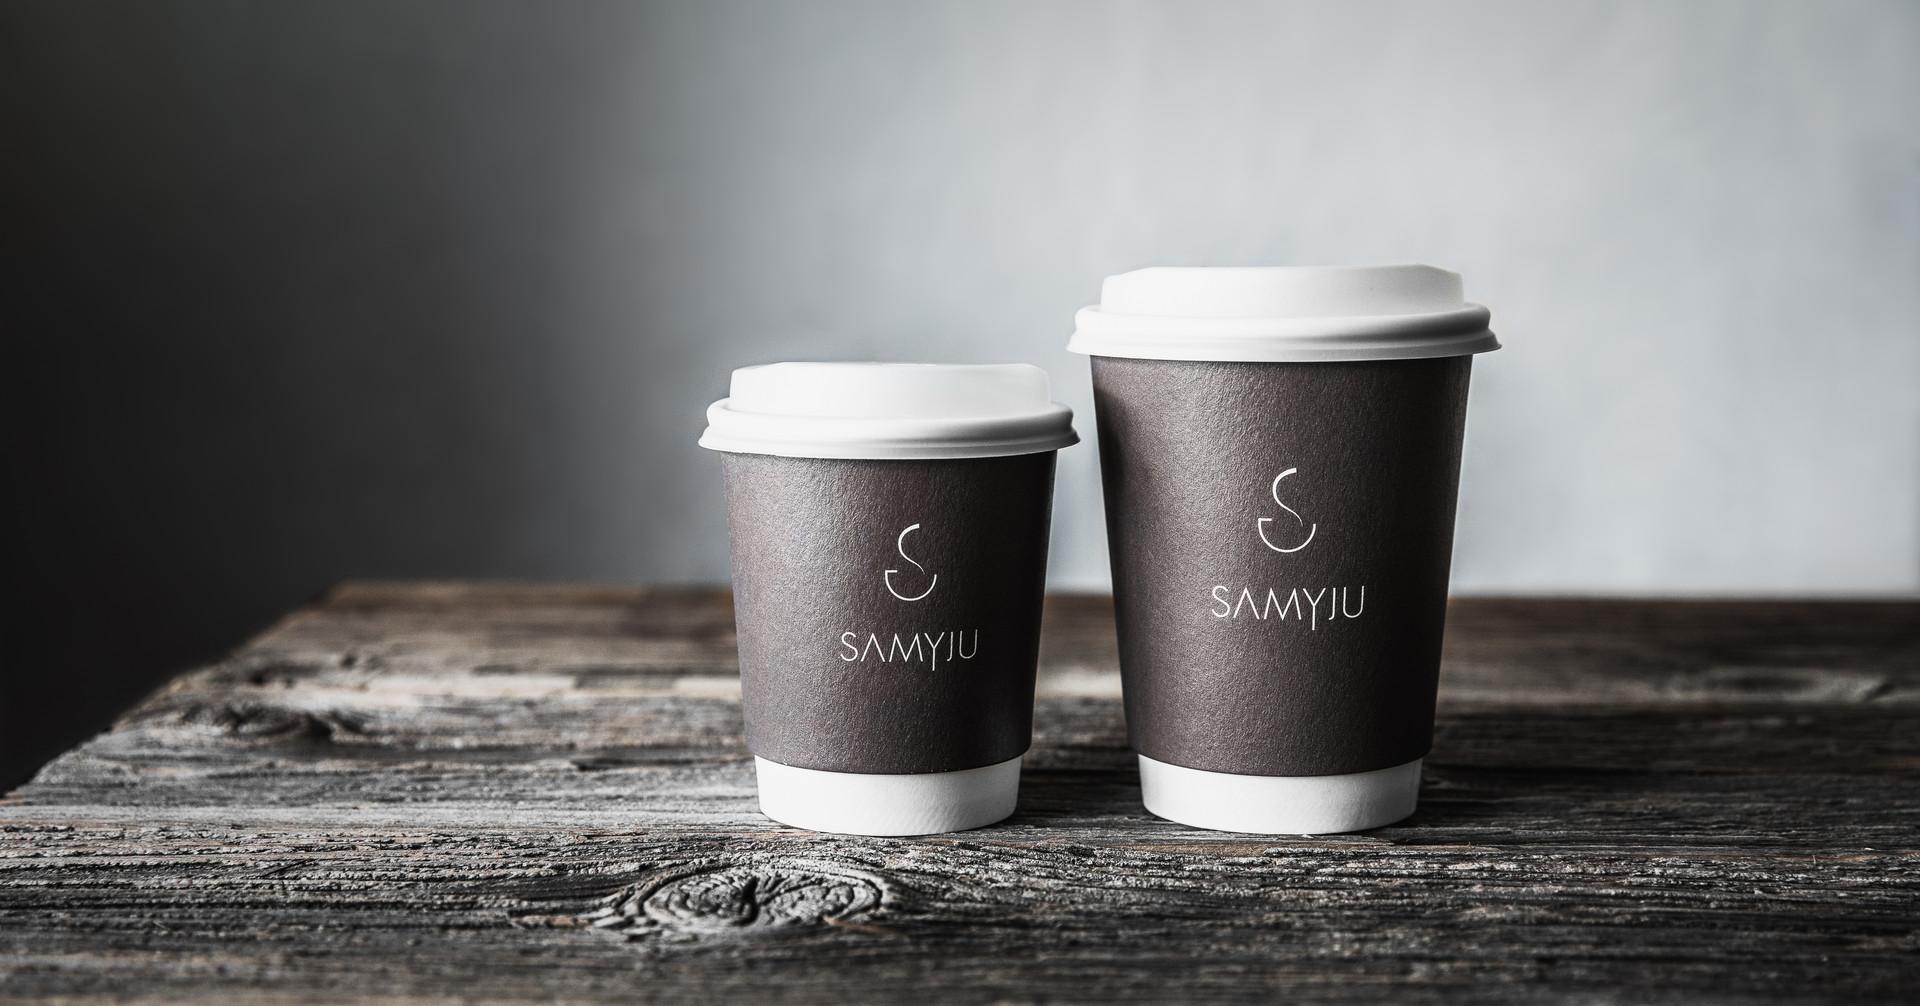 samyju_packaging-5.jpg